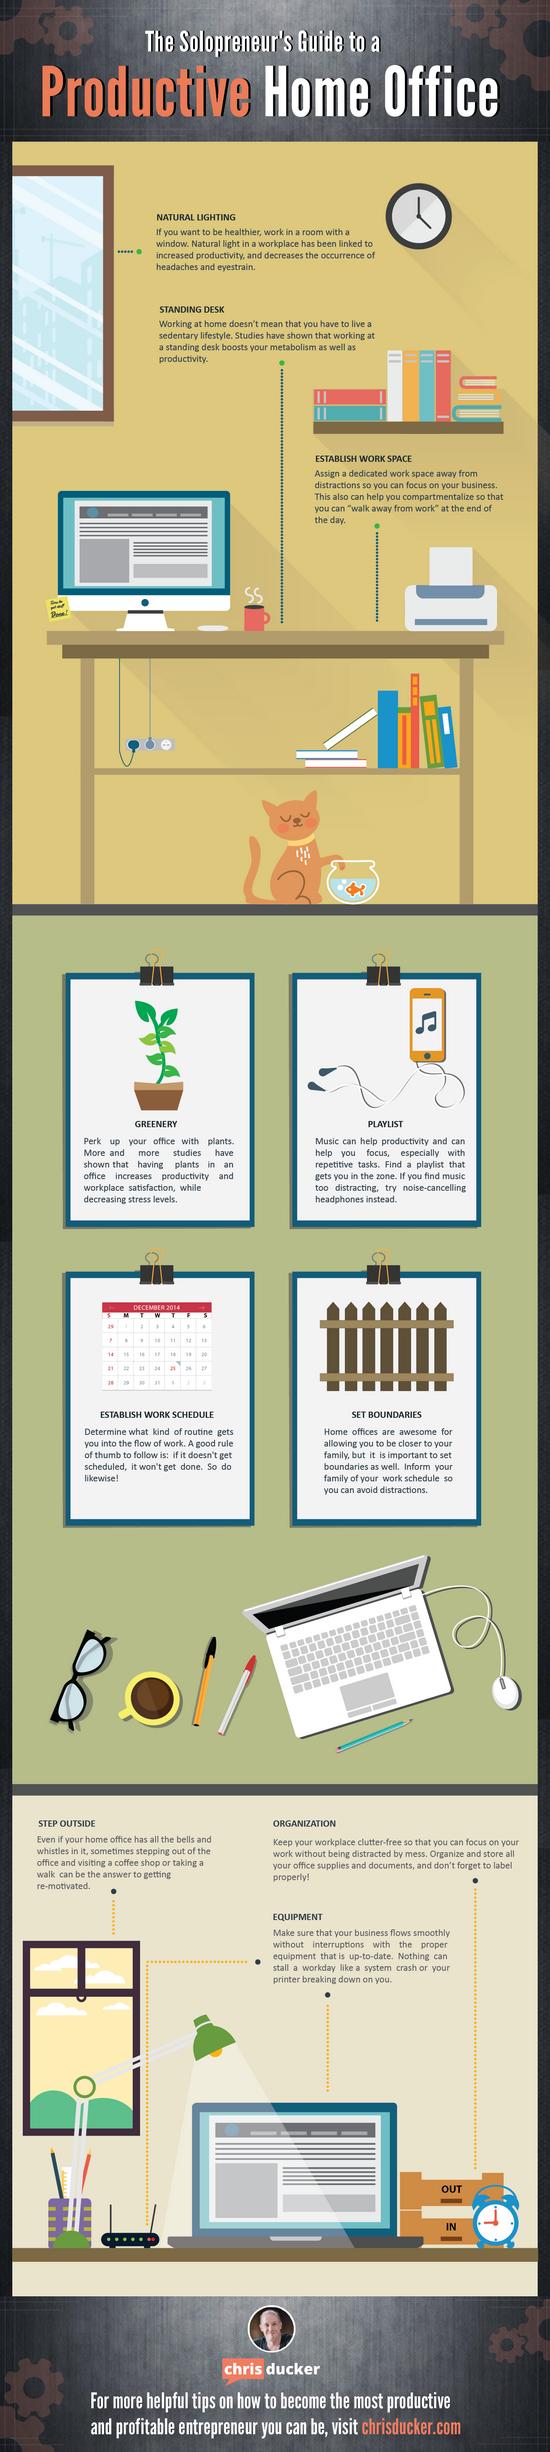 Jak pracovat z domu produktivně a efektivně? – Infografika